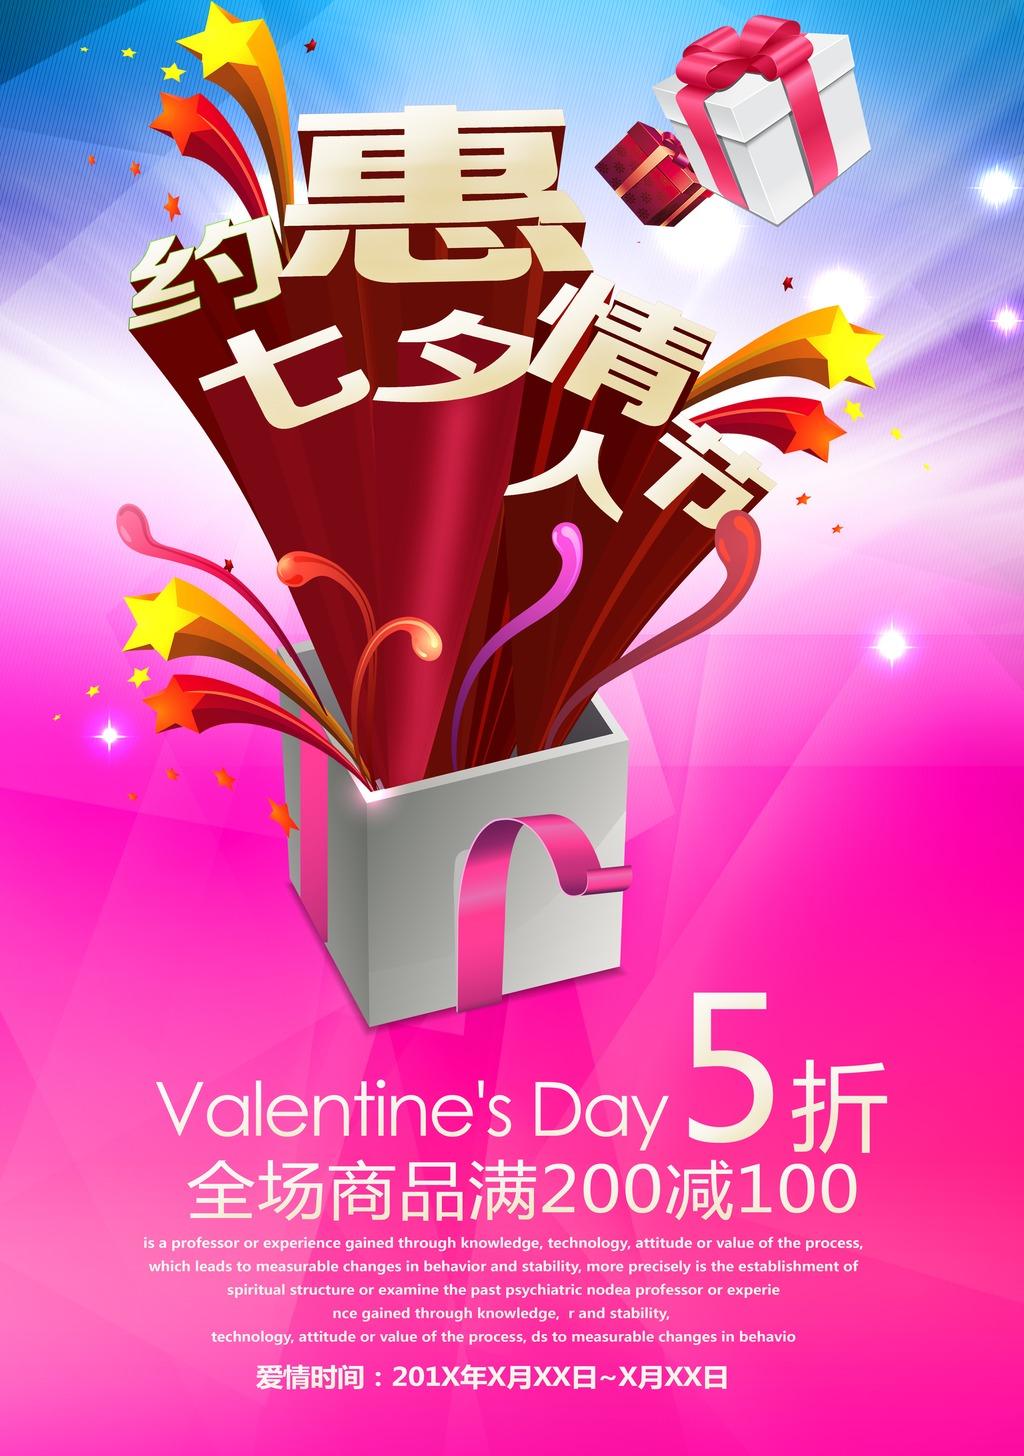 七夕情人节浪漫优惠活动海报背景模板下载